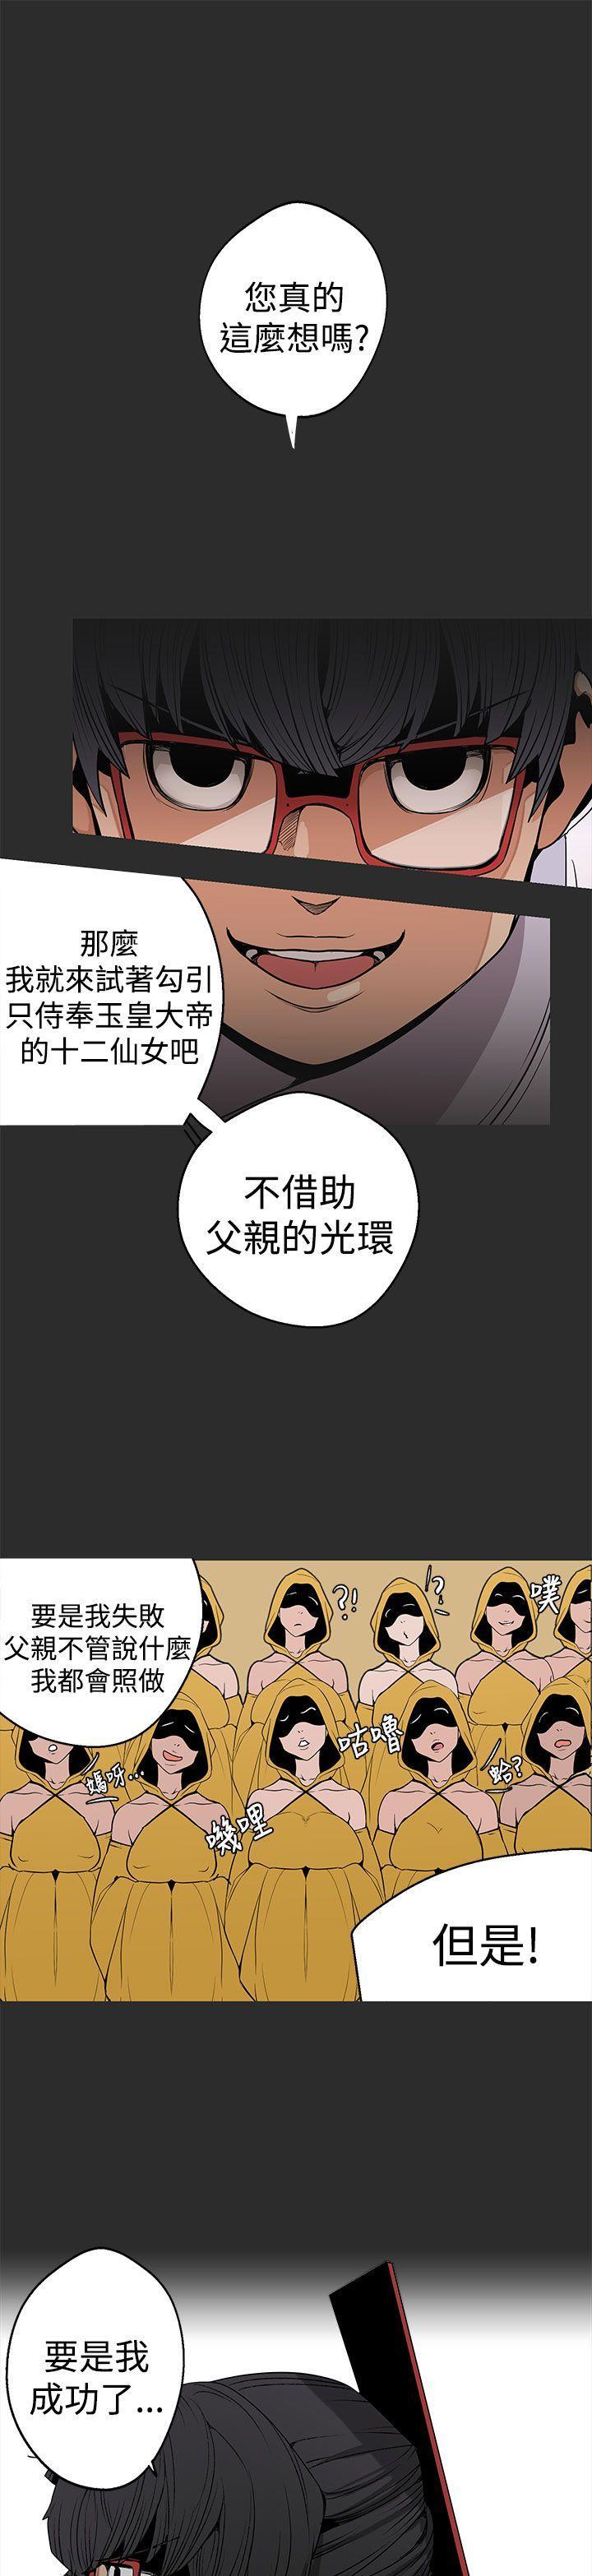 女神狩猎 第1~3話 [Chinese]中文 Harc 78